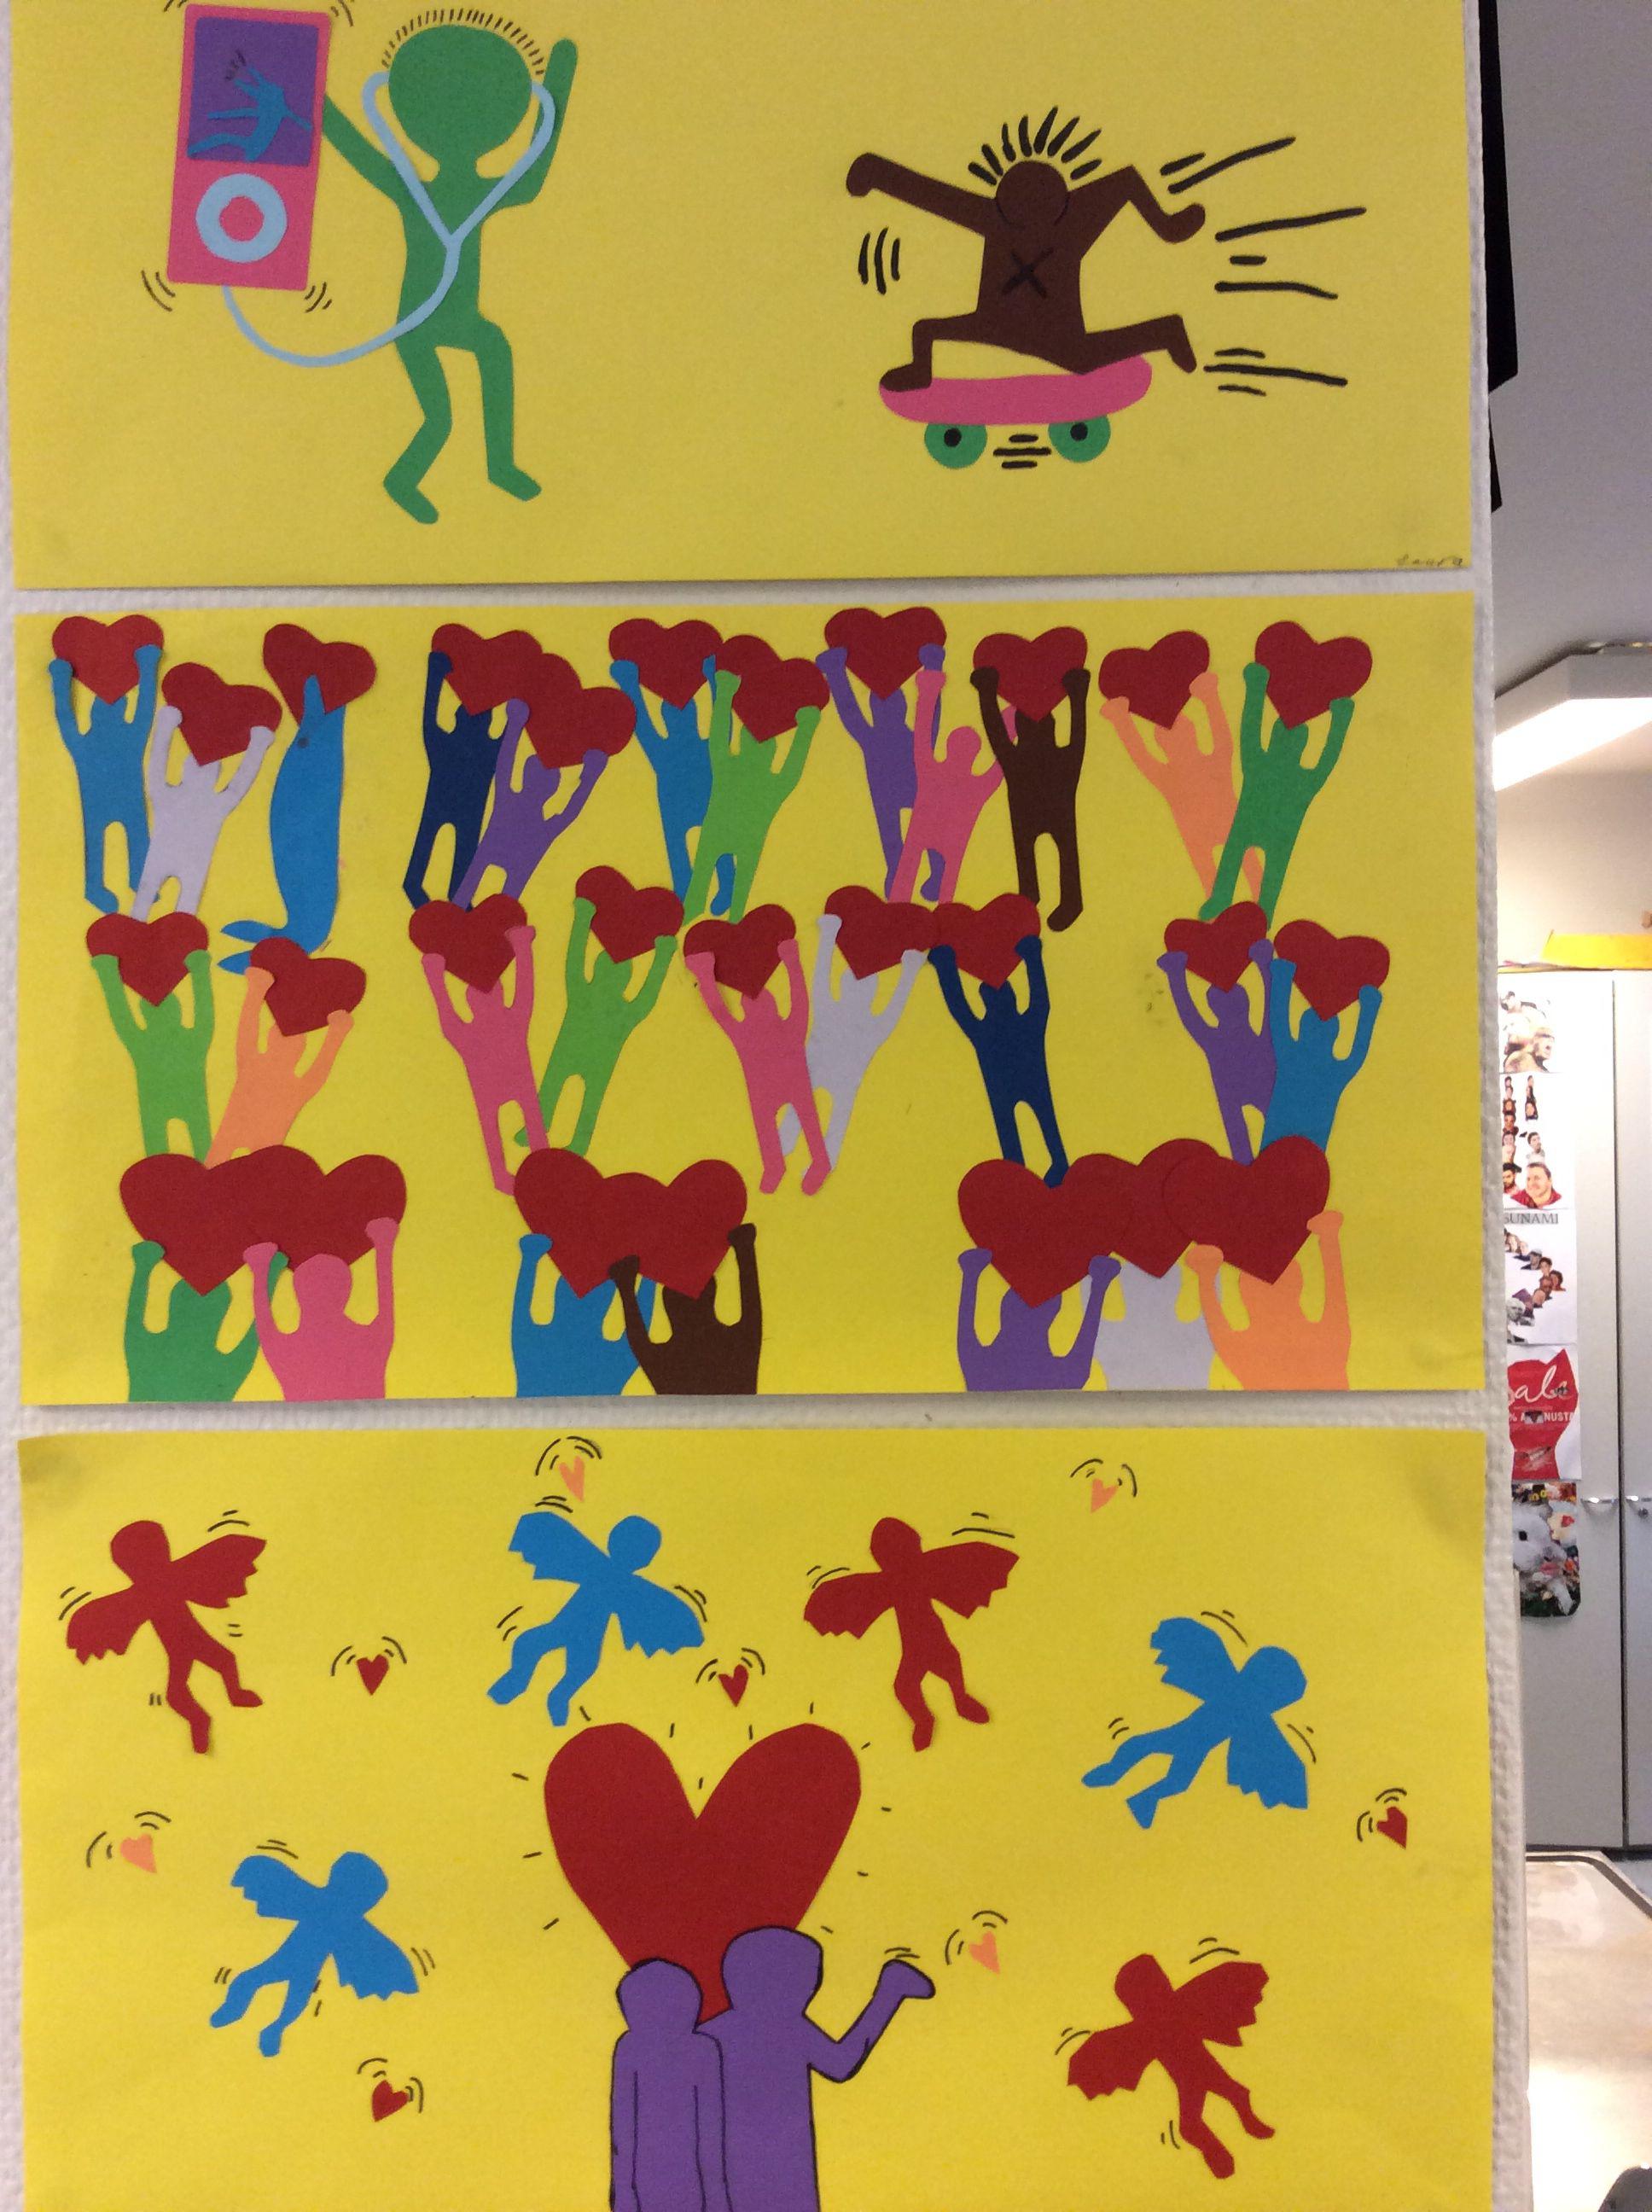 Keith Haring Tyylisia Leiketoita